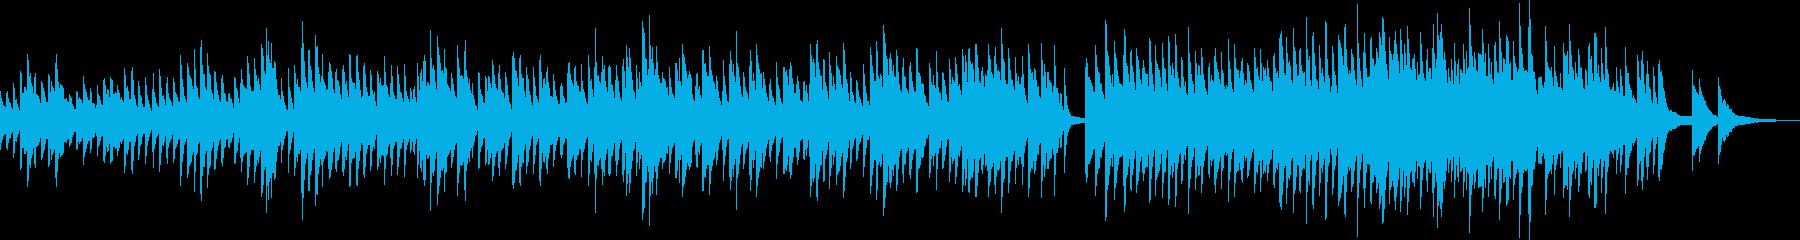 希望(ピアノソロ・爽やか・バラード)の再生済みの波形